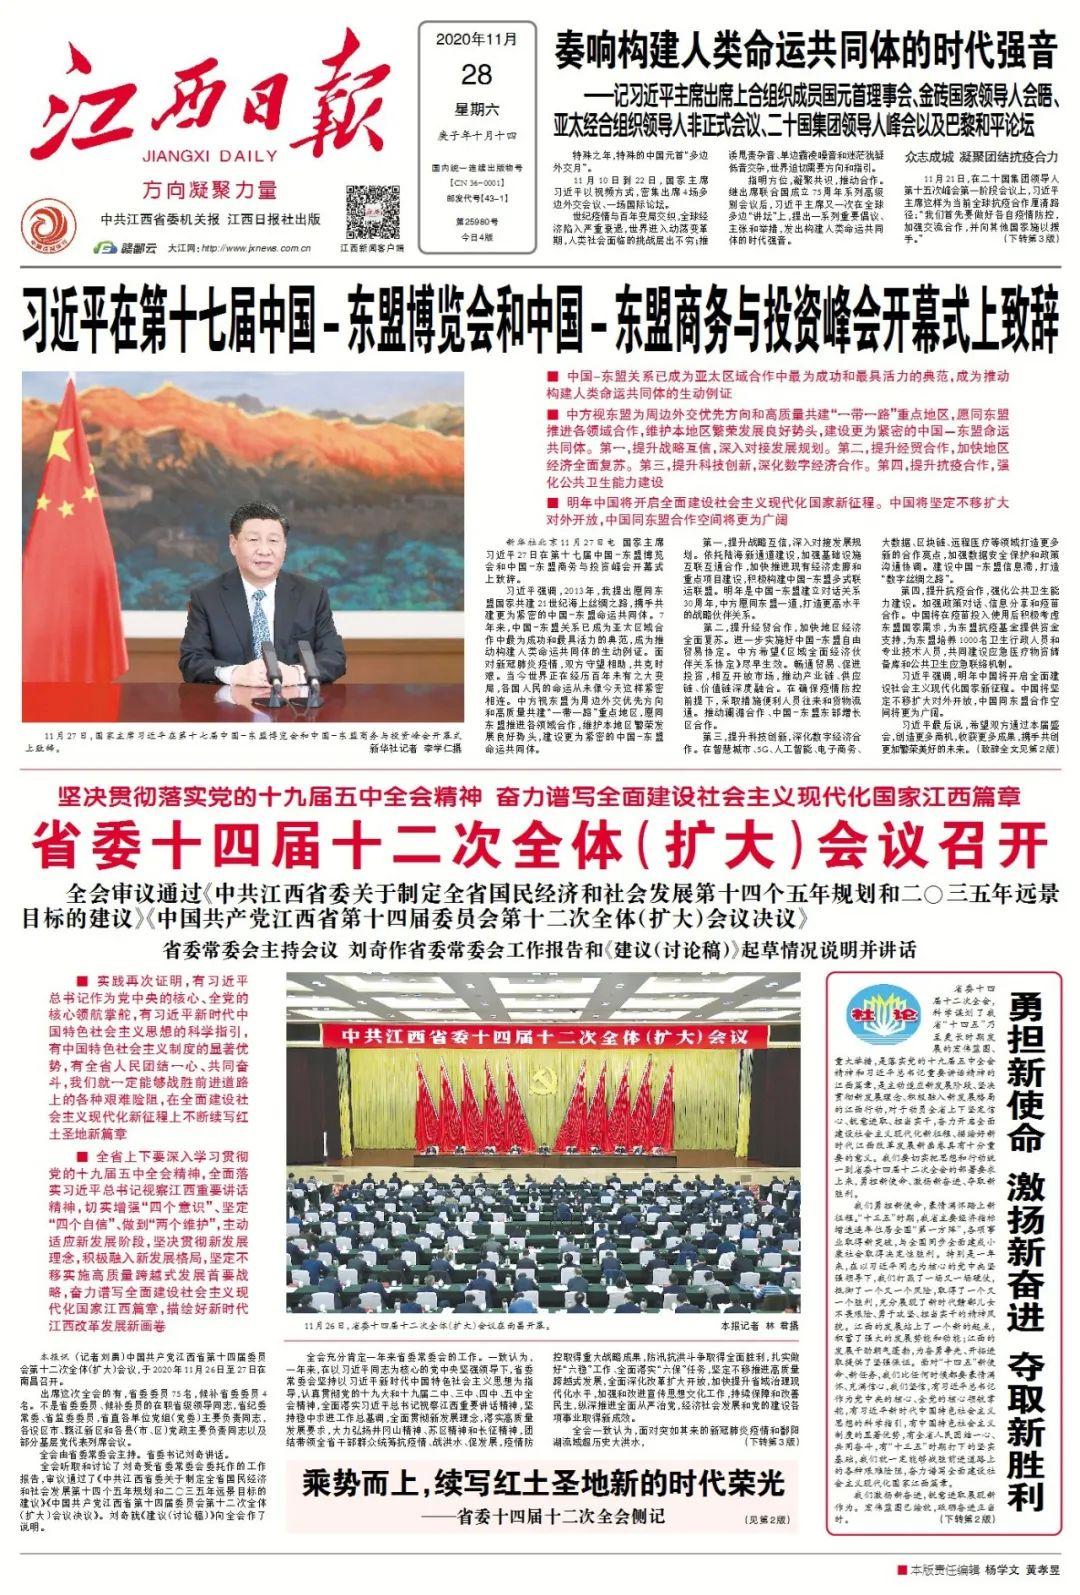 ▲11月28日,江西日报头版。